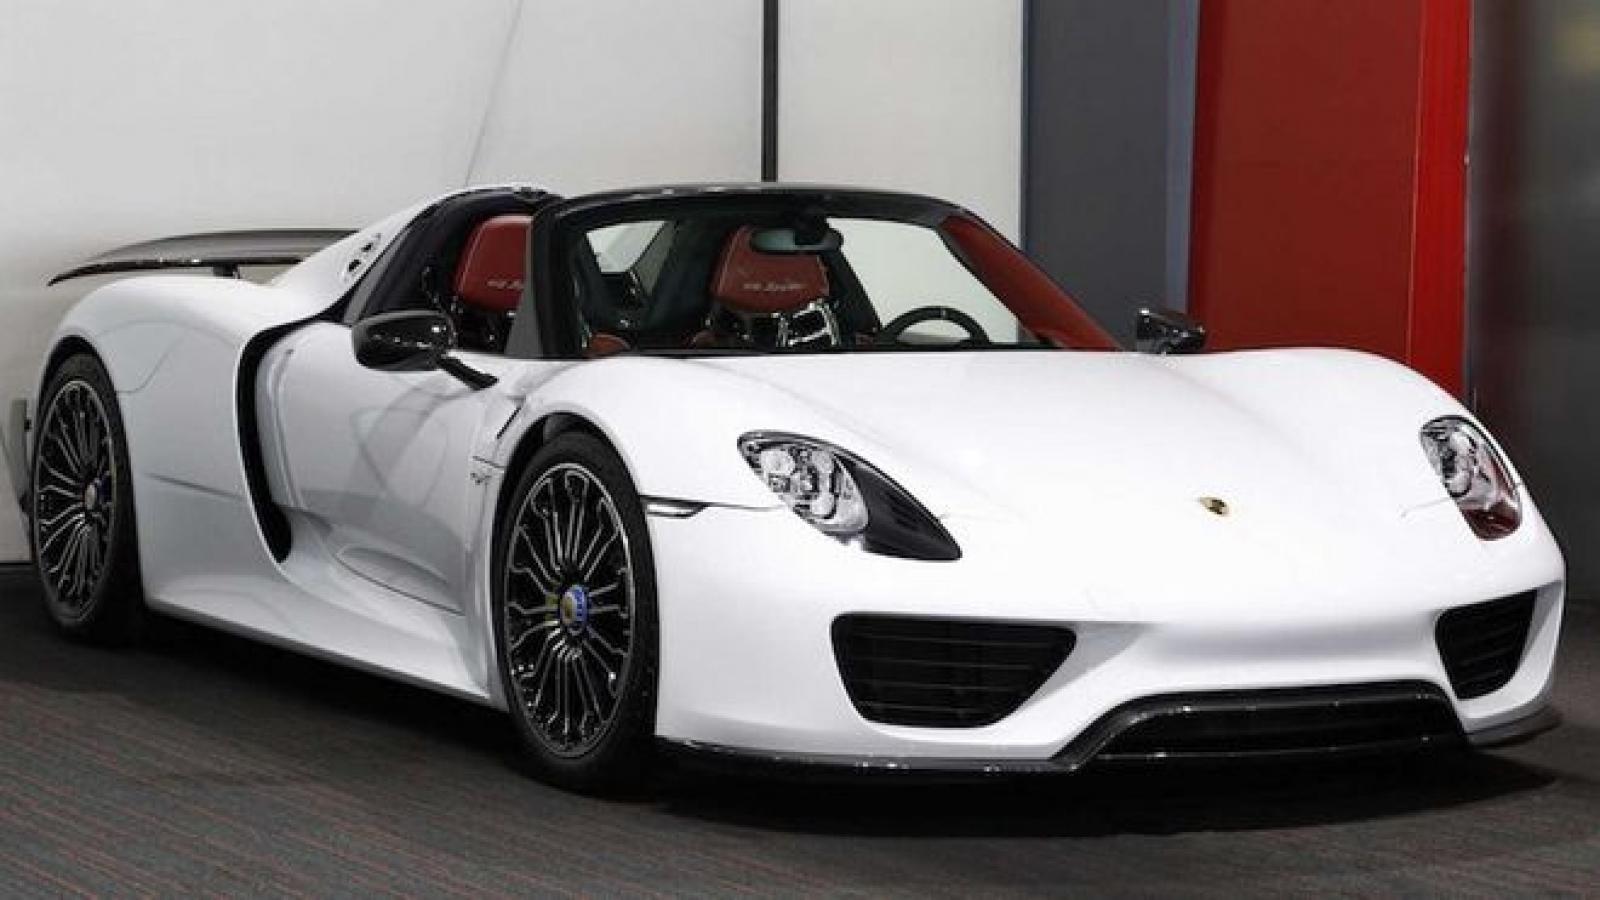 Siêu phẩm Porsche 918 Spyder chính thức có mặt tại Việt Nam